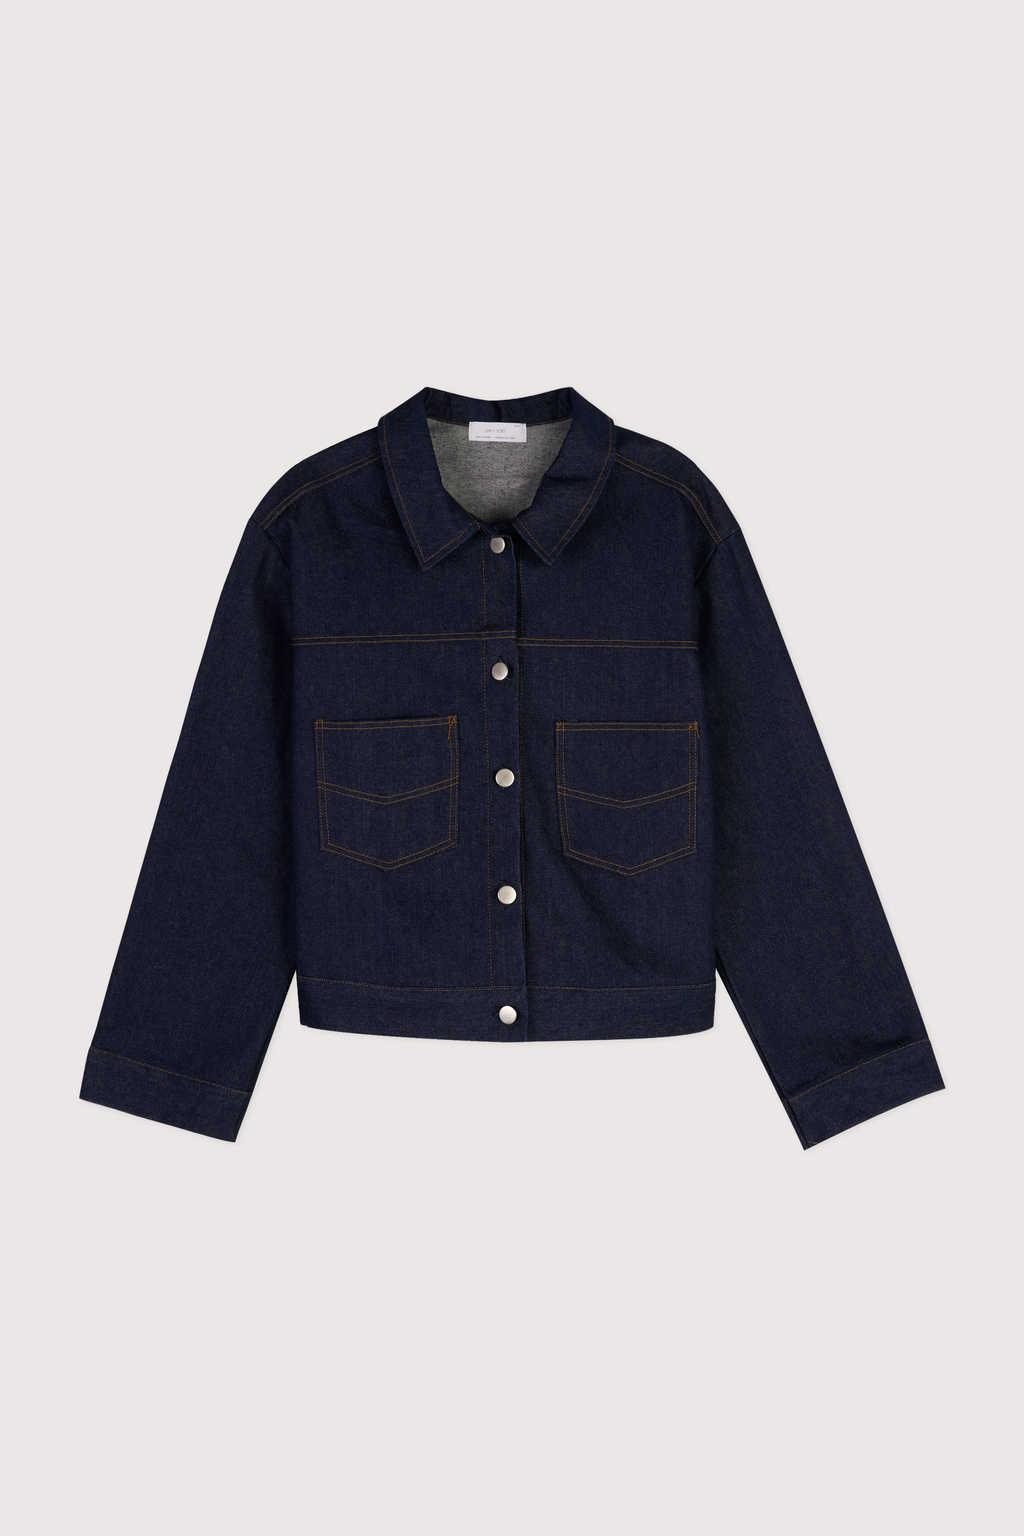 Jacket J010 Indigo 5